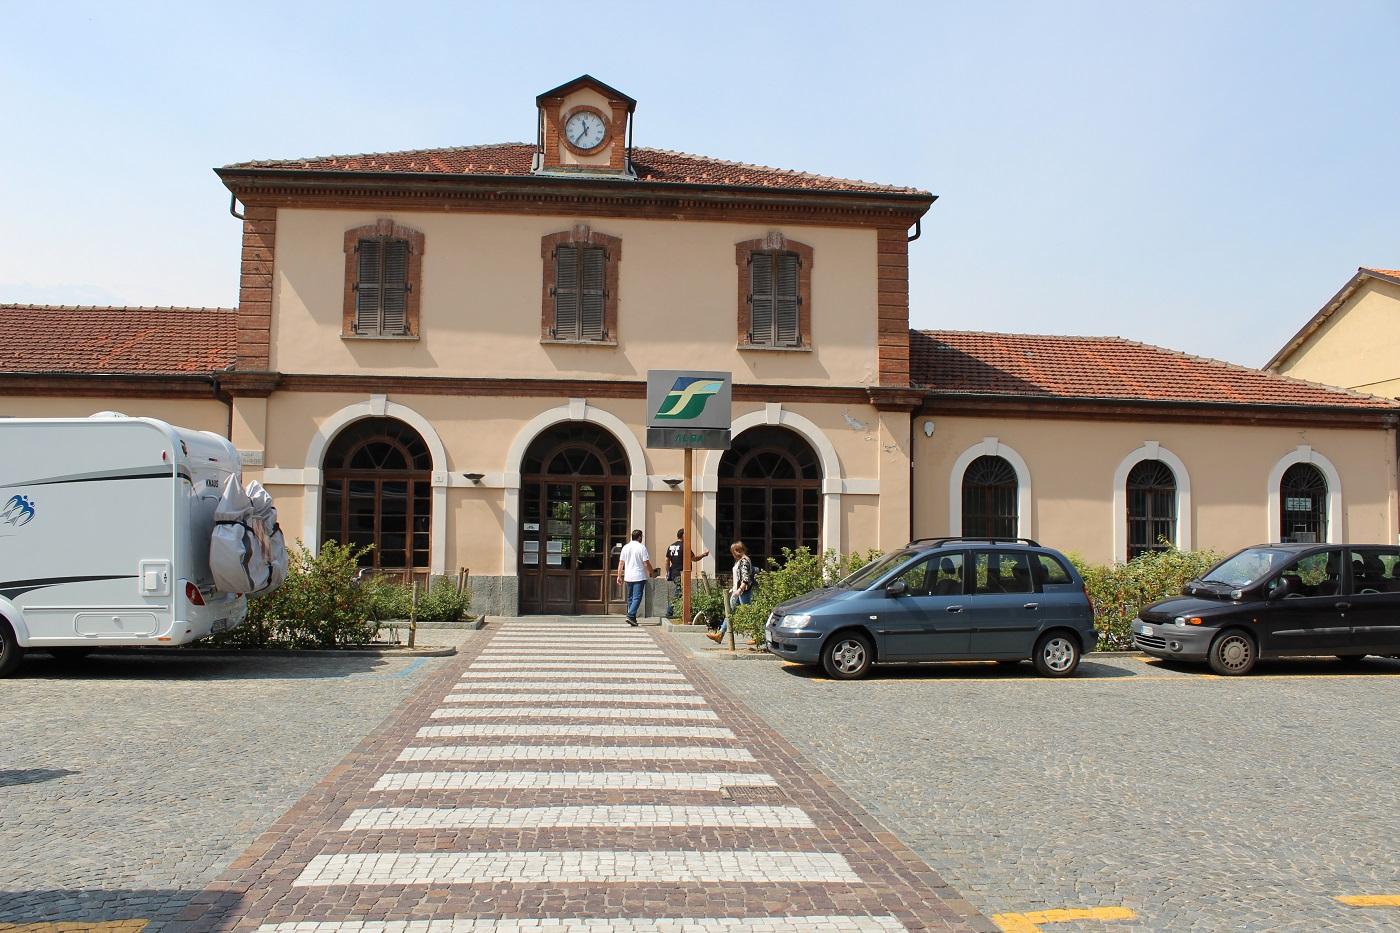 La Guida - Cuneo e Alba treni a velocità opposta